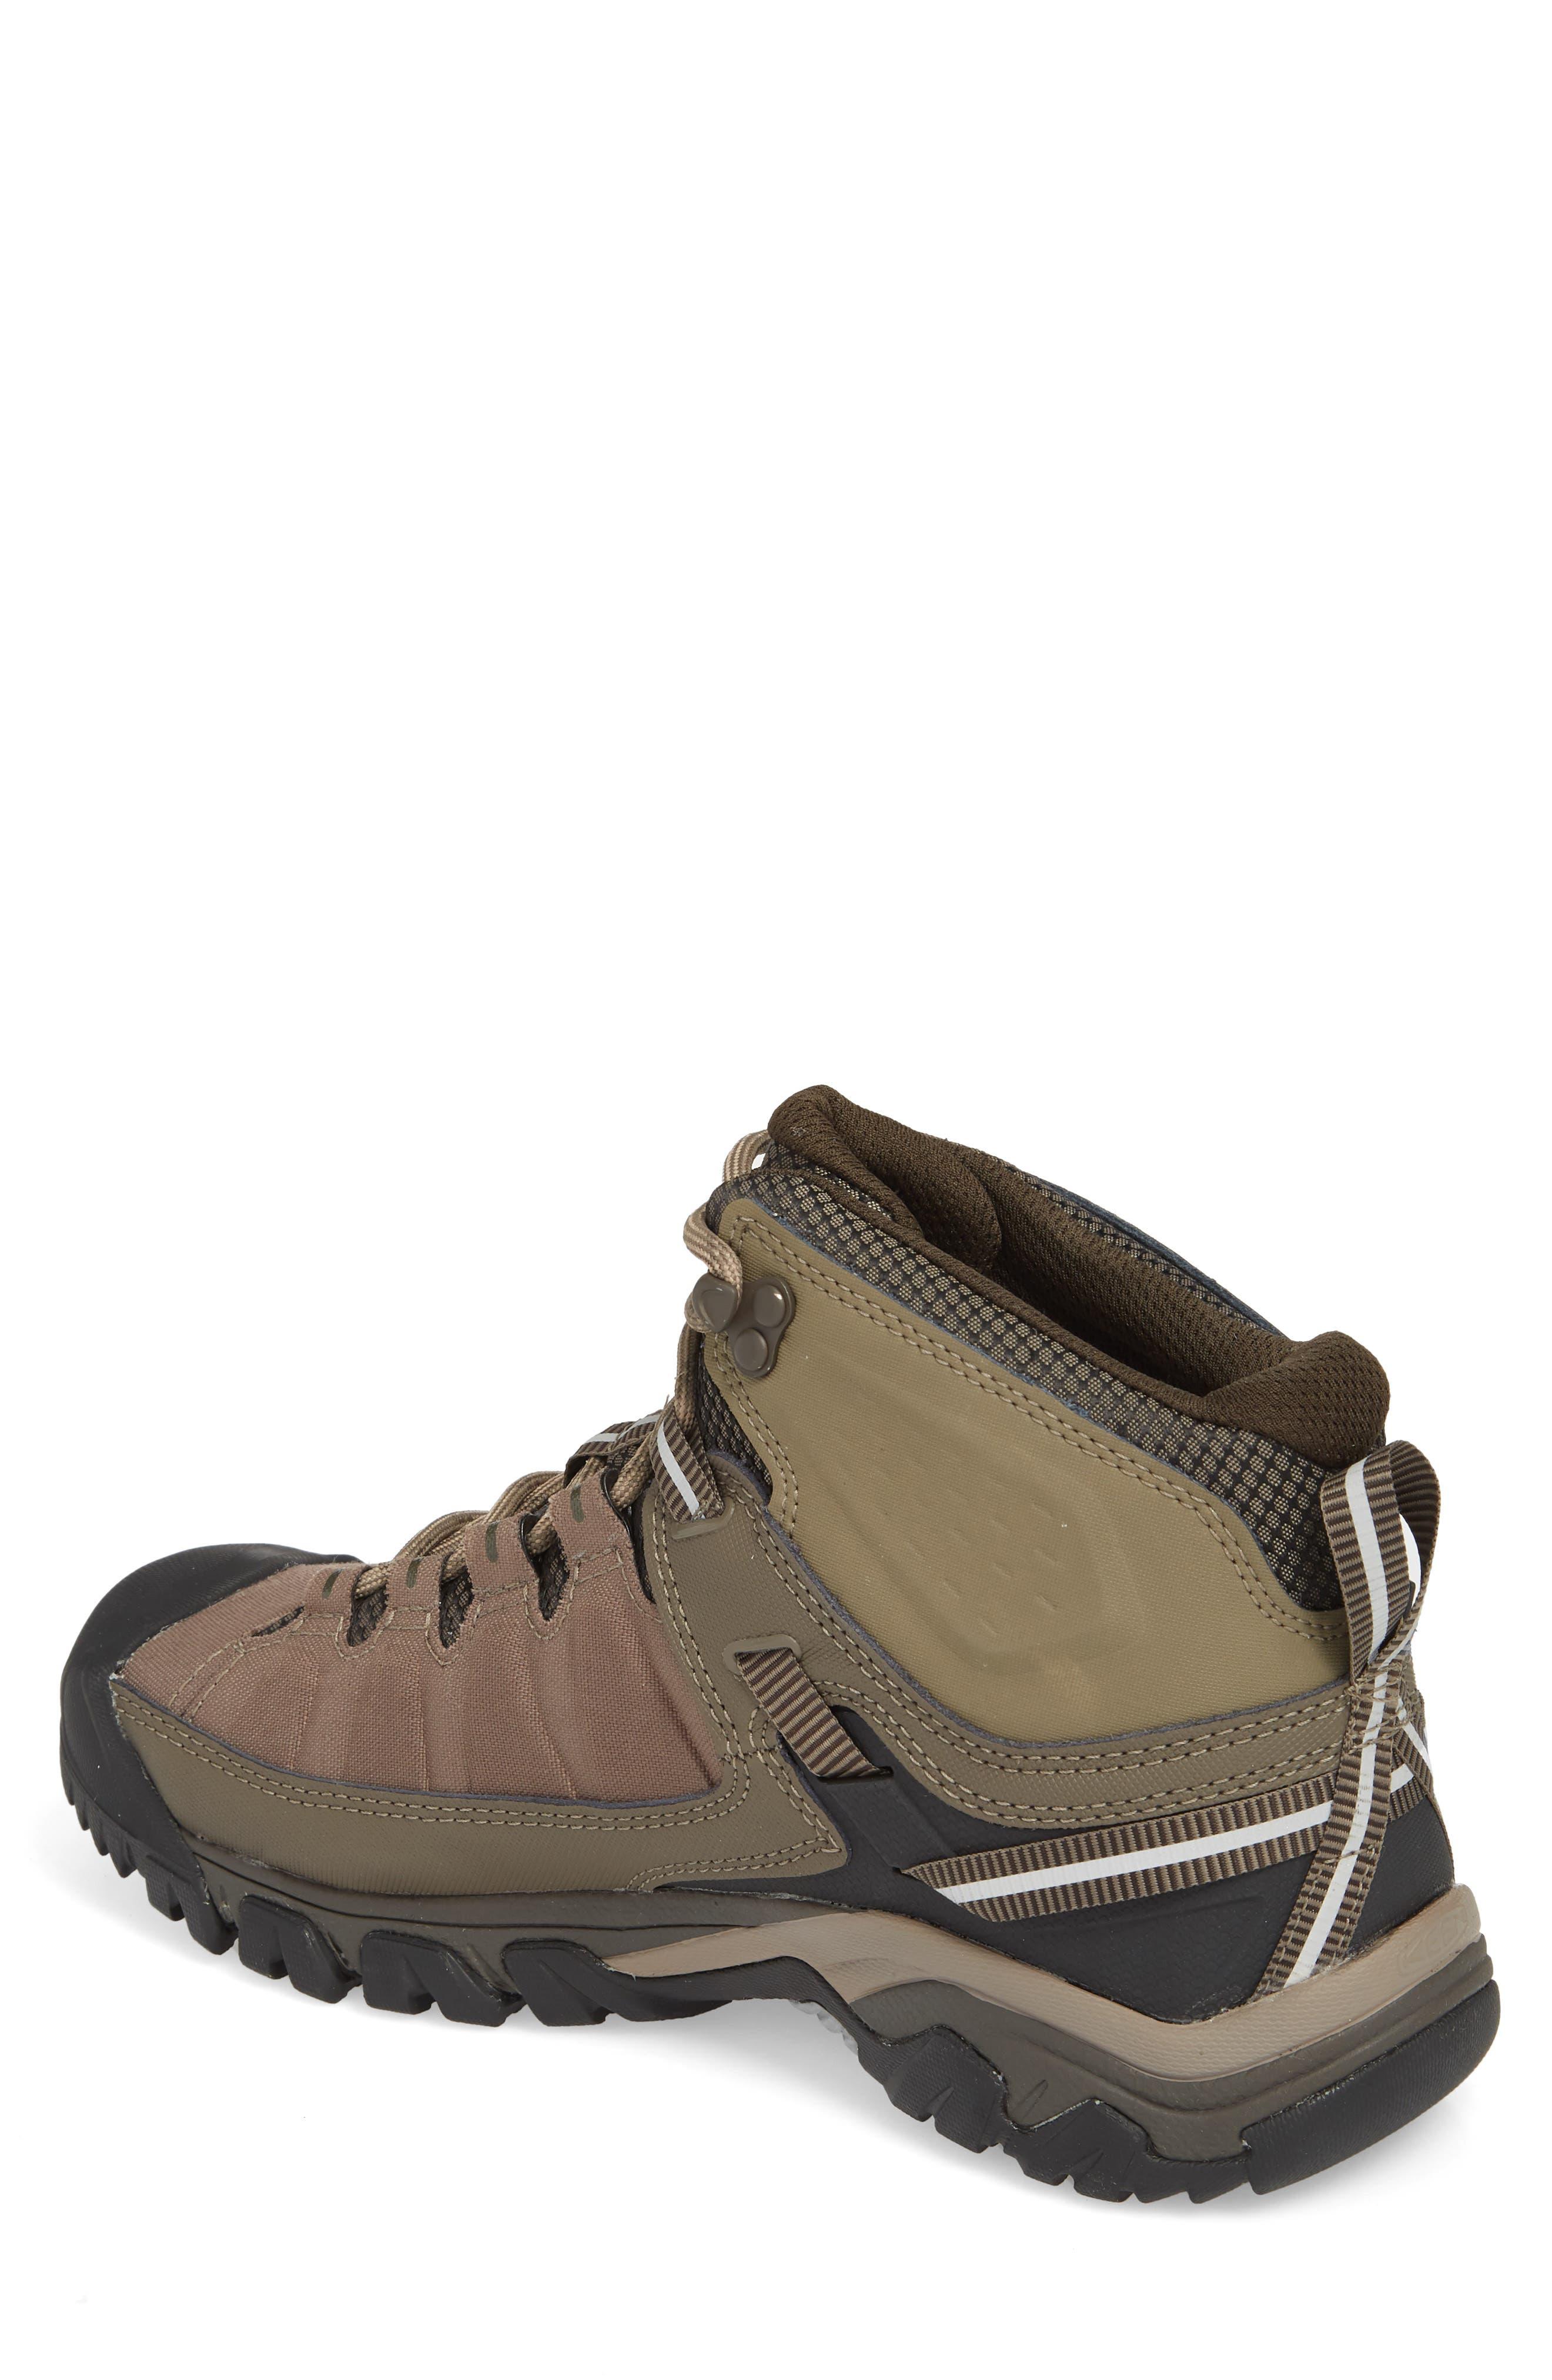 KEEN, Targhee EXP Mid Waterproof Hiking Boot, Alternate thumbnail 2, color, BUNGEE CORD/BRINDLE